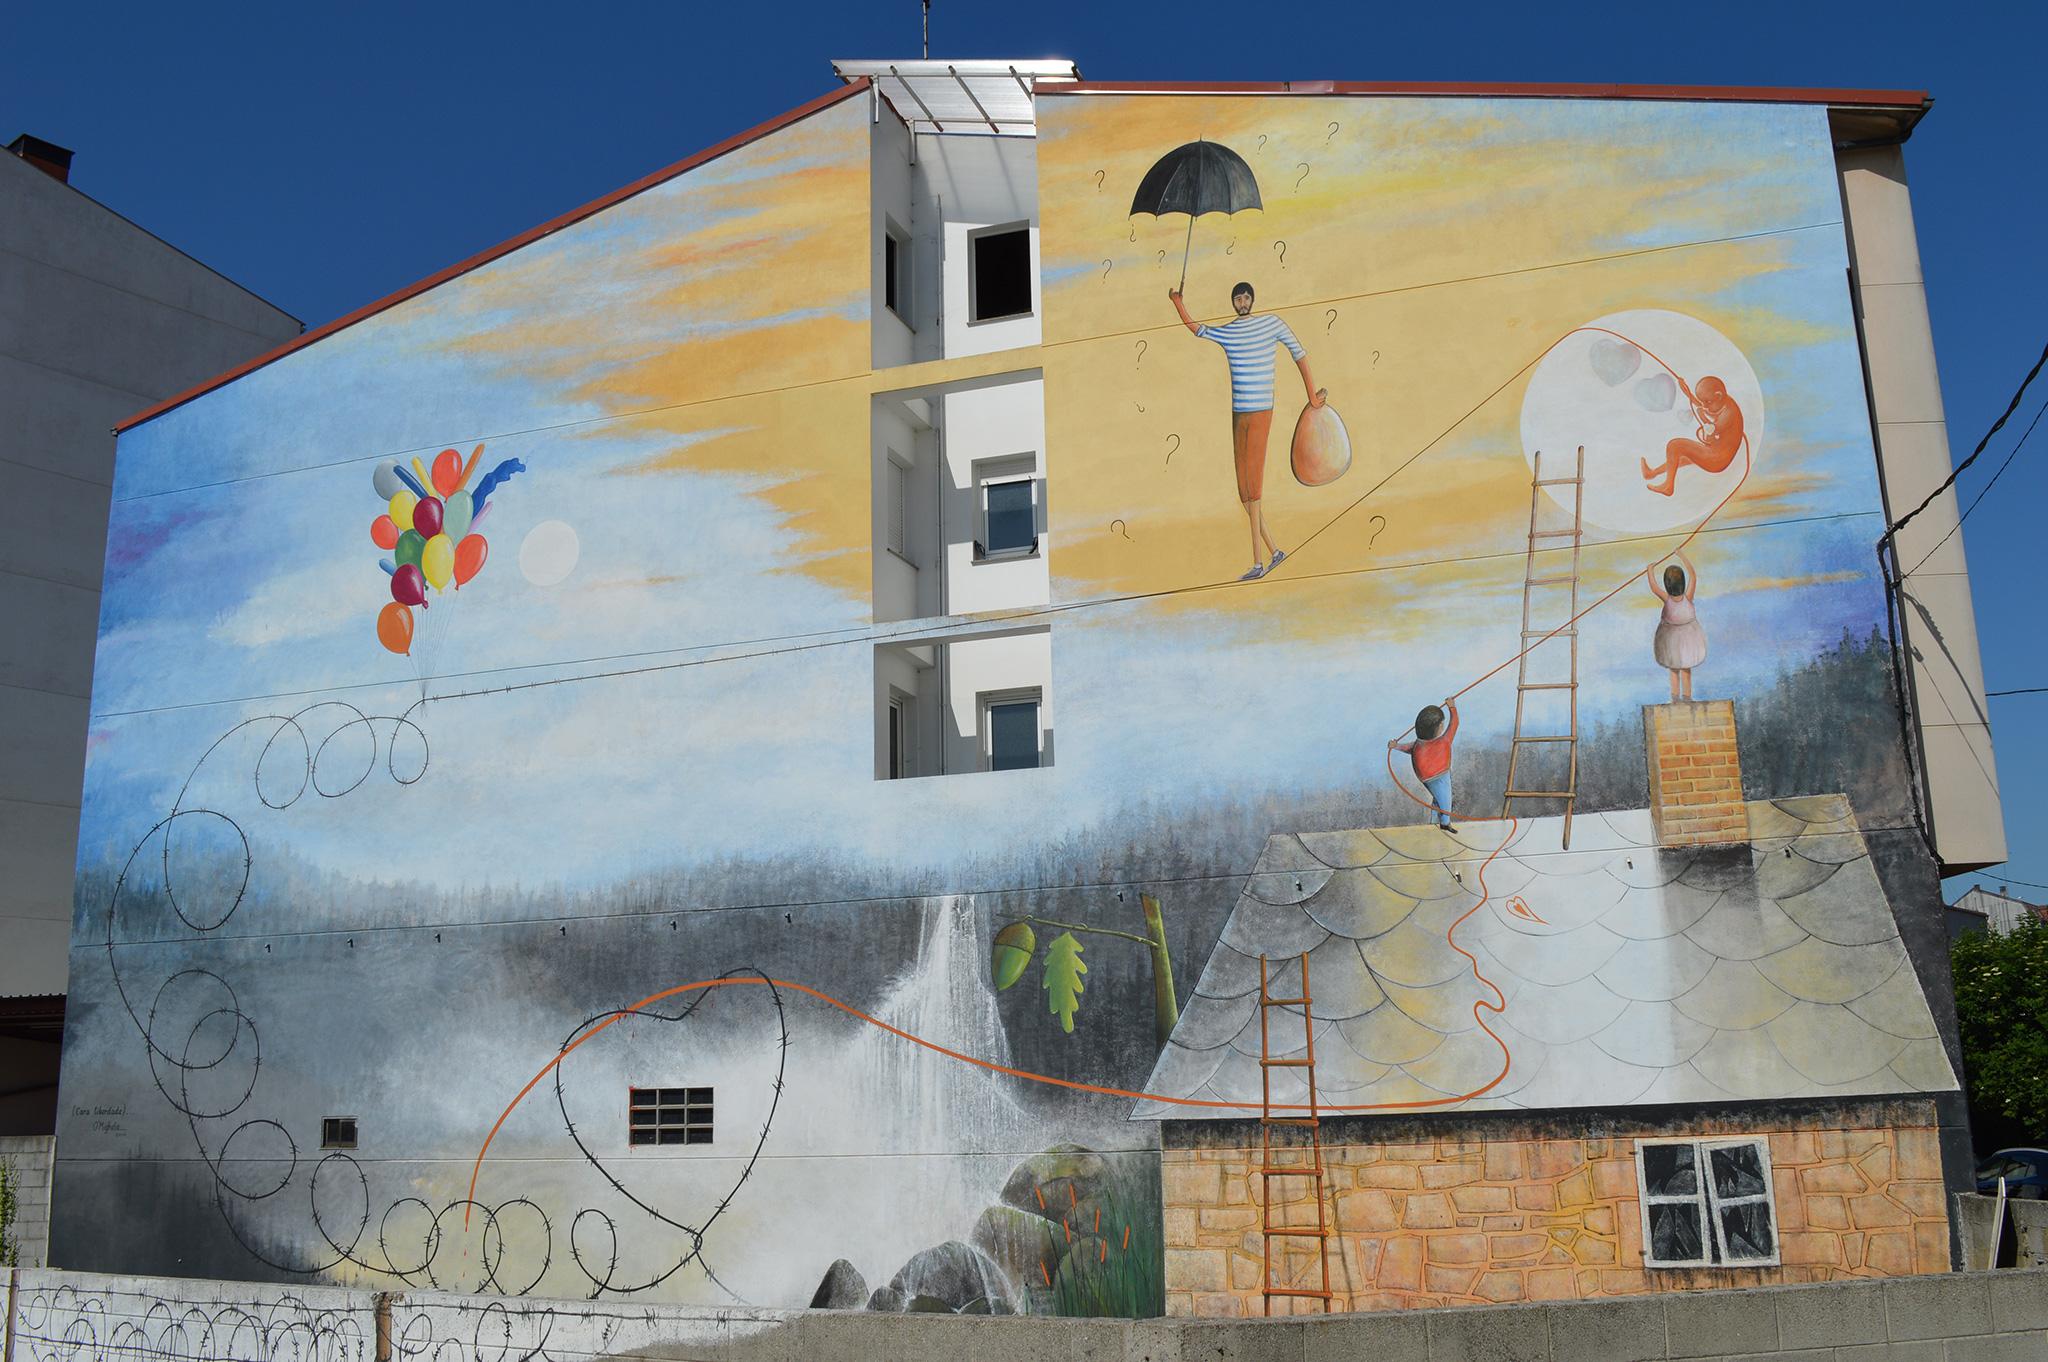 Foto principal mural Cara liberdade,